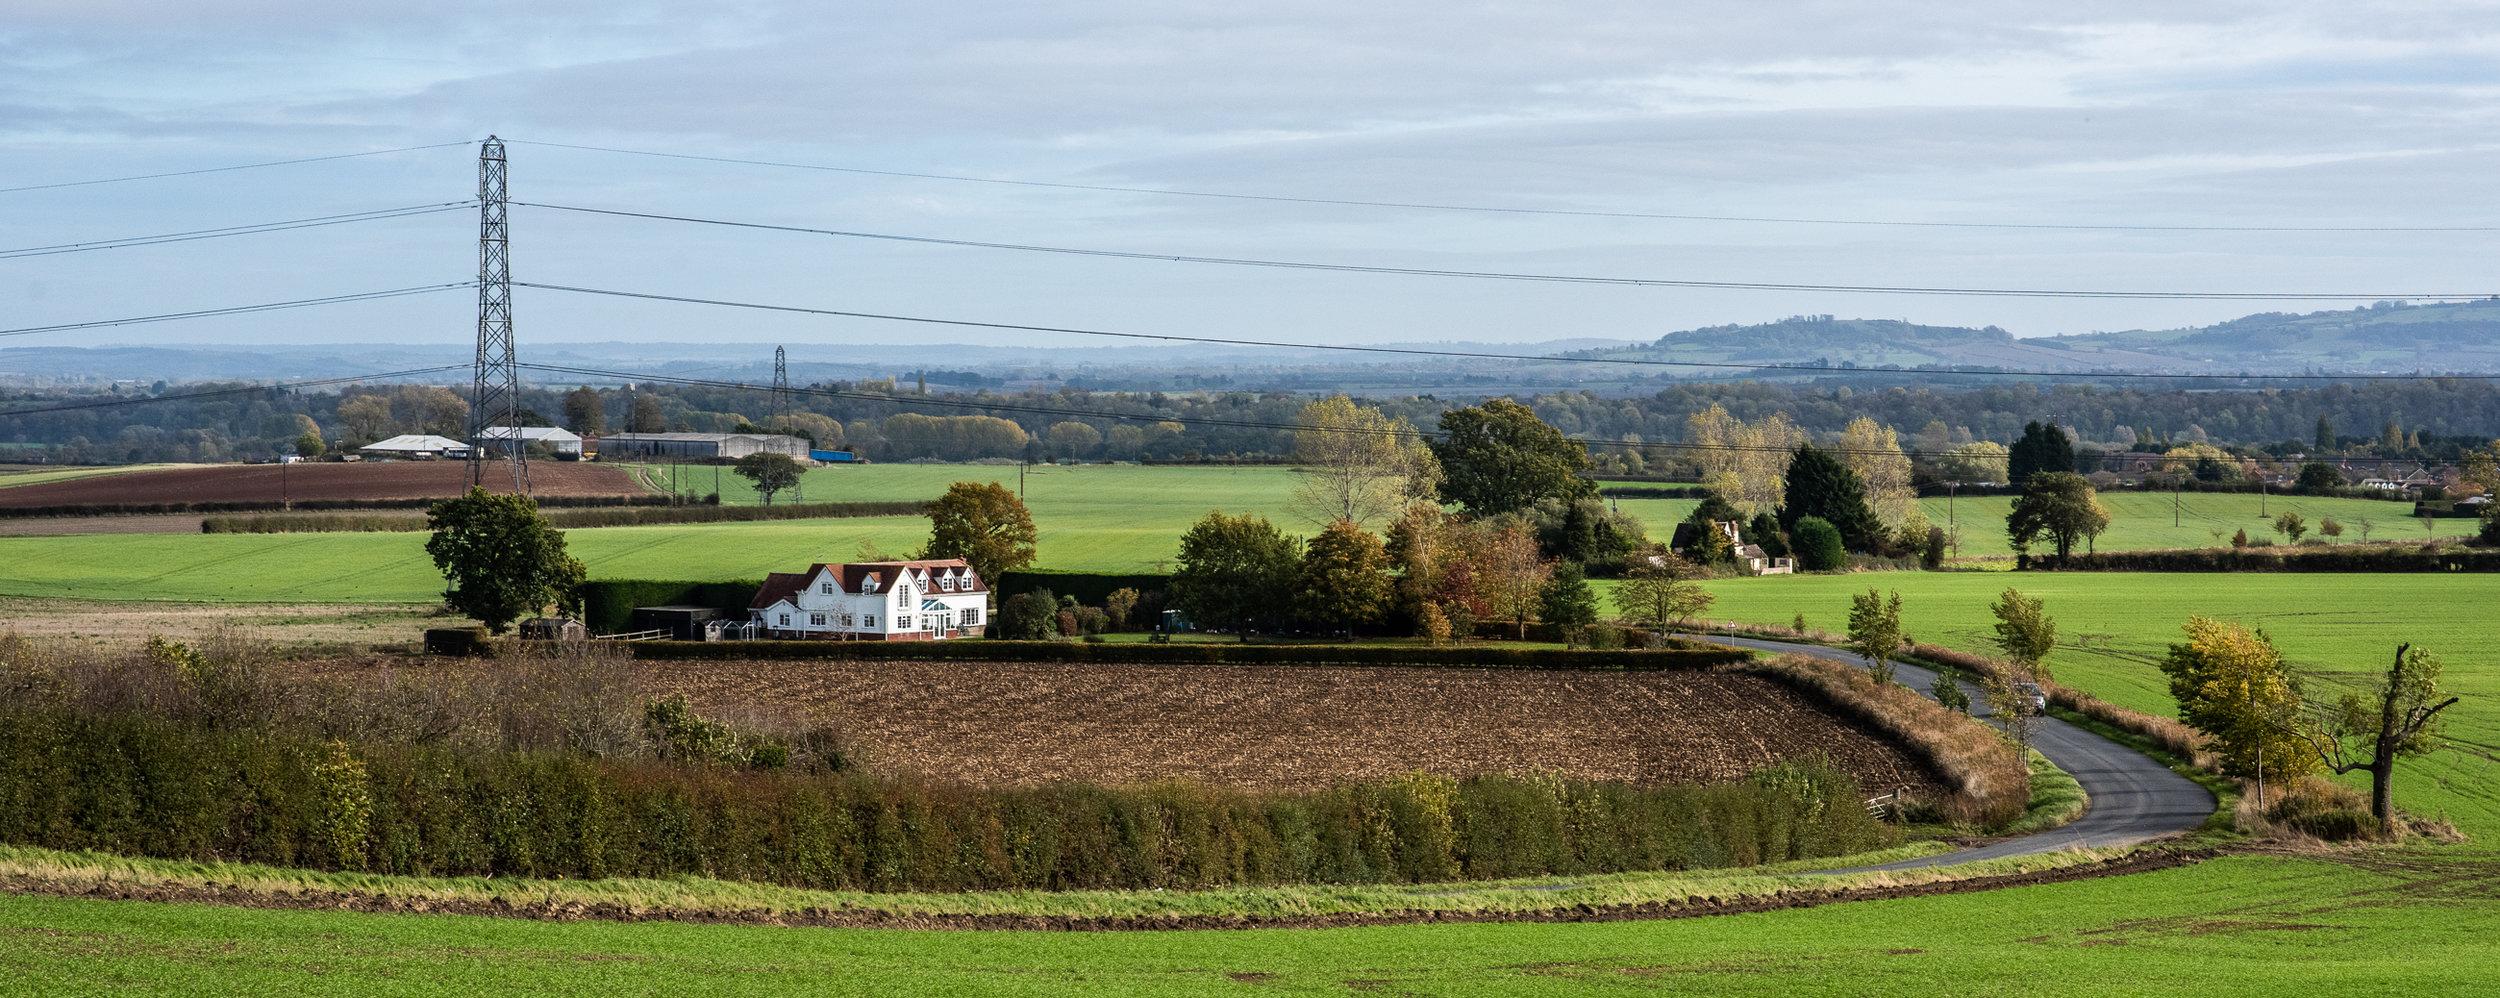 A Farm, The Lenches, Midlands, 2018